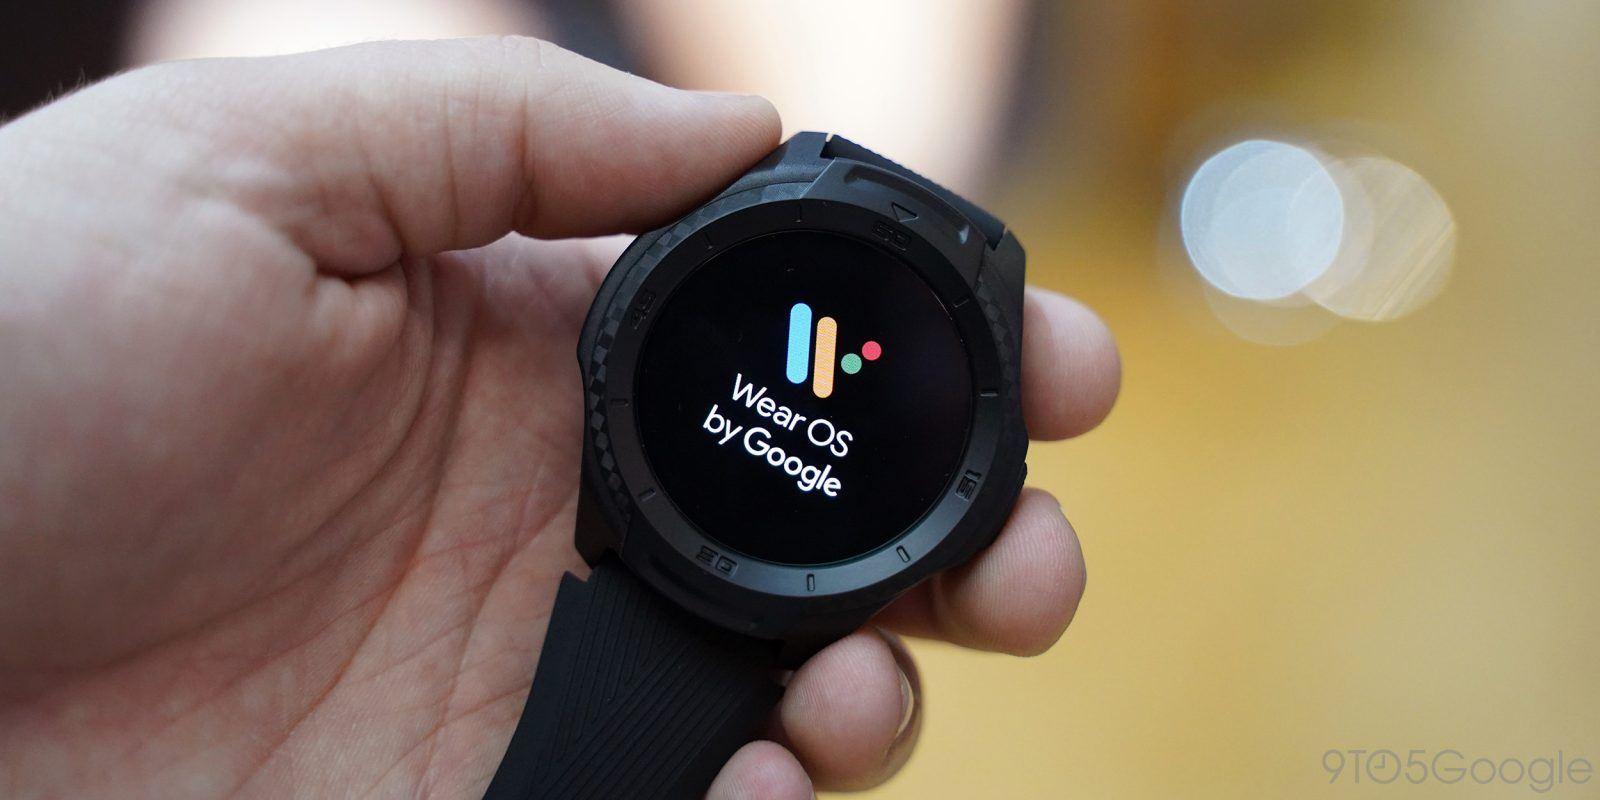 memilih Operating System smart watch terbaik